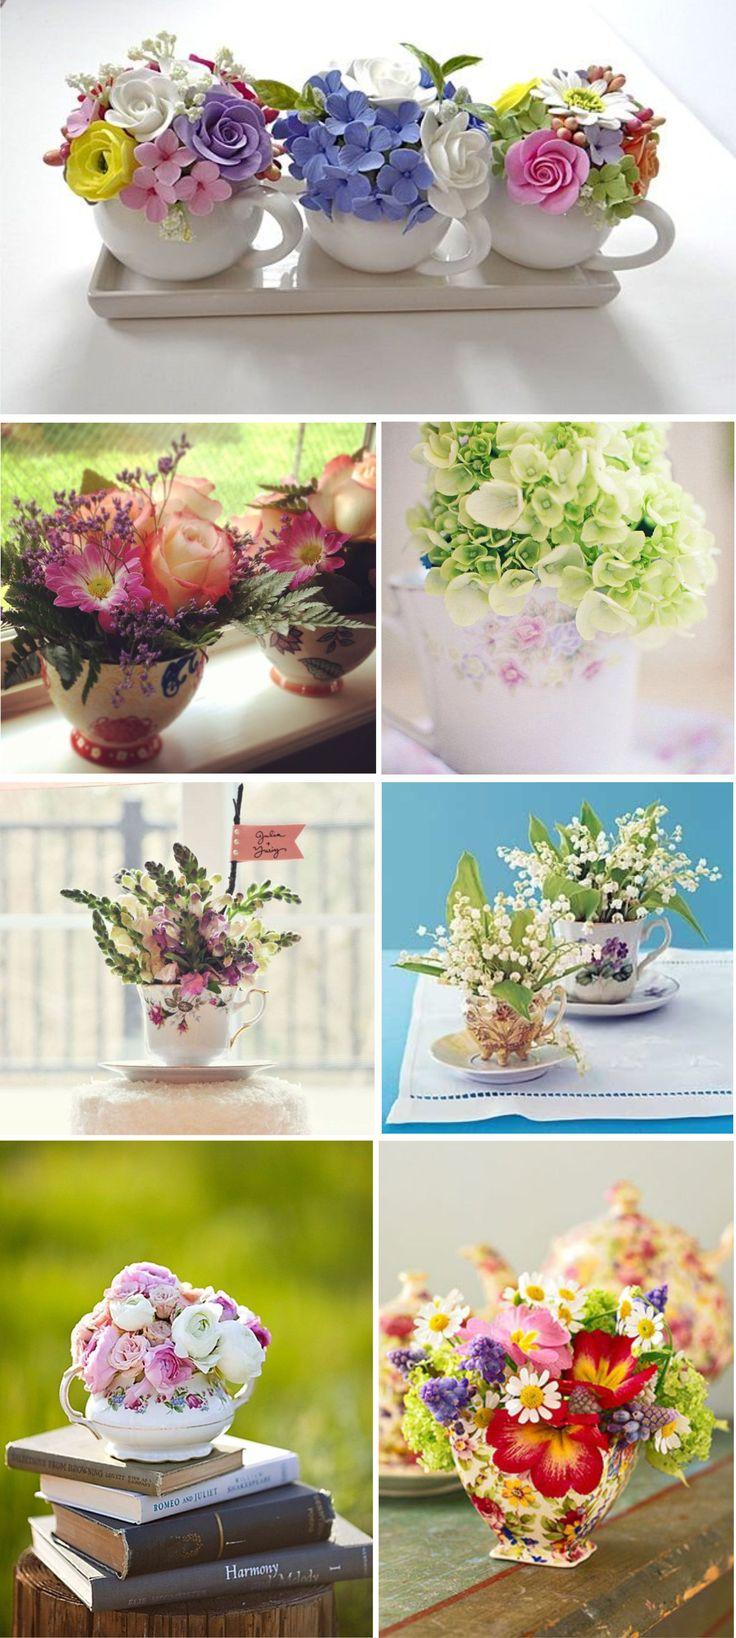 Decoração Romântica: Xícaras e Flores | http://nathaliakalil.com.br/decoracao-romantica-xicaras-e-flores/